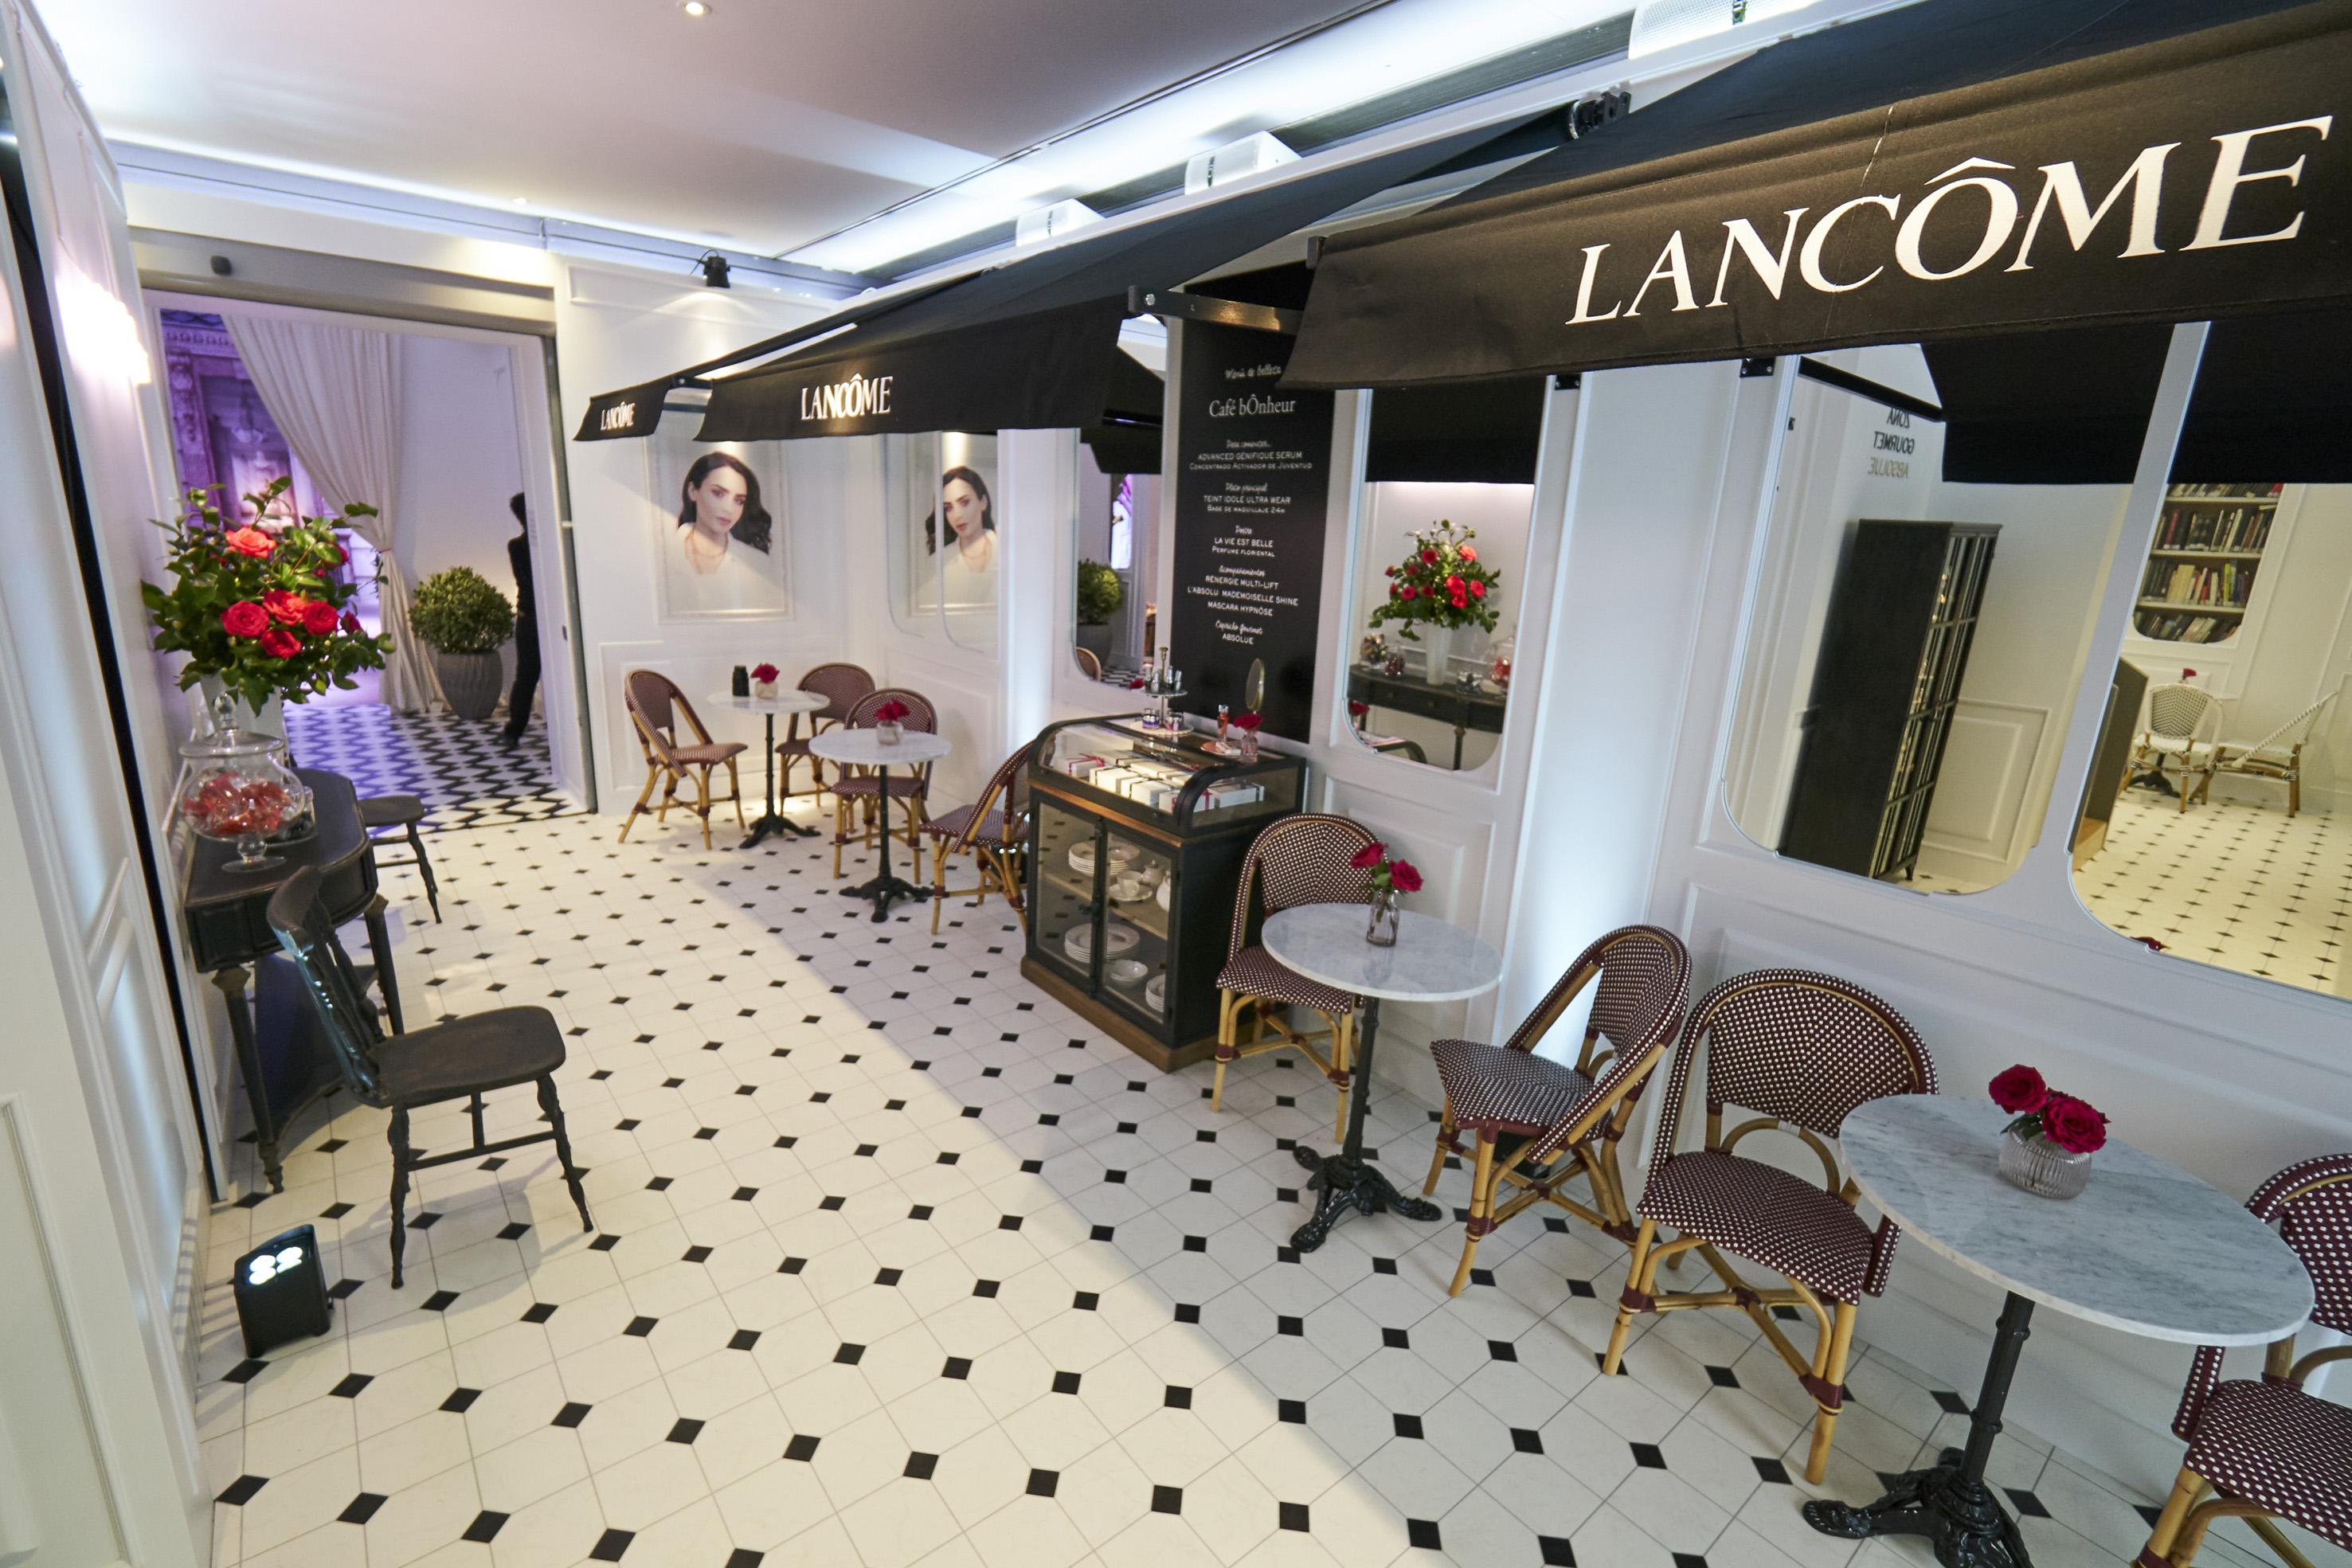 El propósito de la Maison de Lancôme del 2019 es hacer más felices a las mujeres